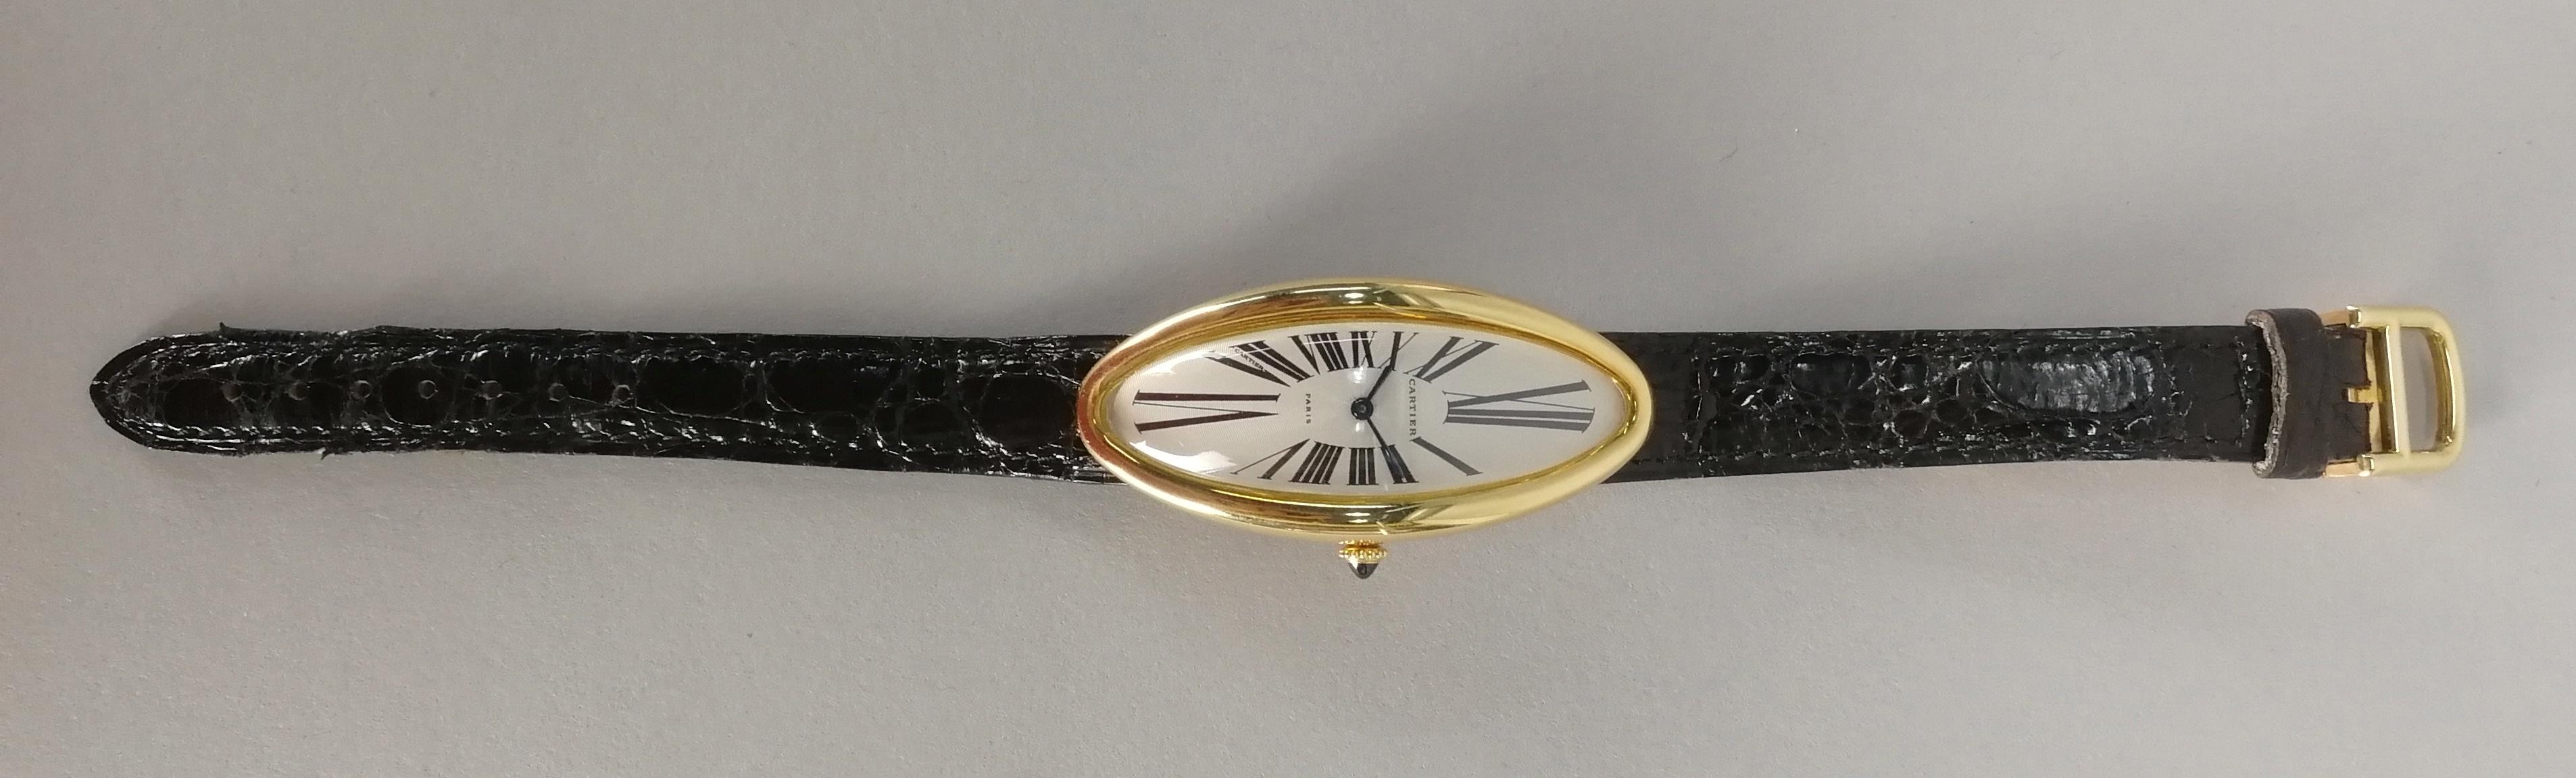 Lot 42 - CARTIER. Orologio in oro giallo 18 kt. a carica automatica, modello ovale, con cinturino Cartier a